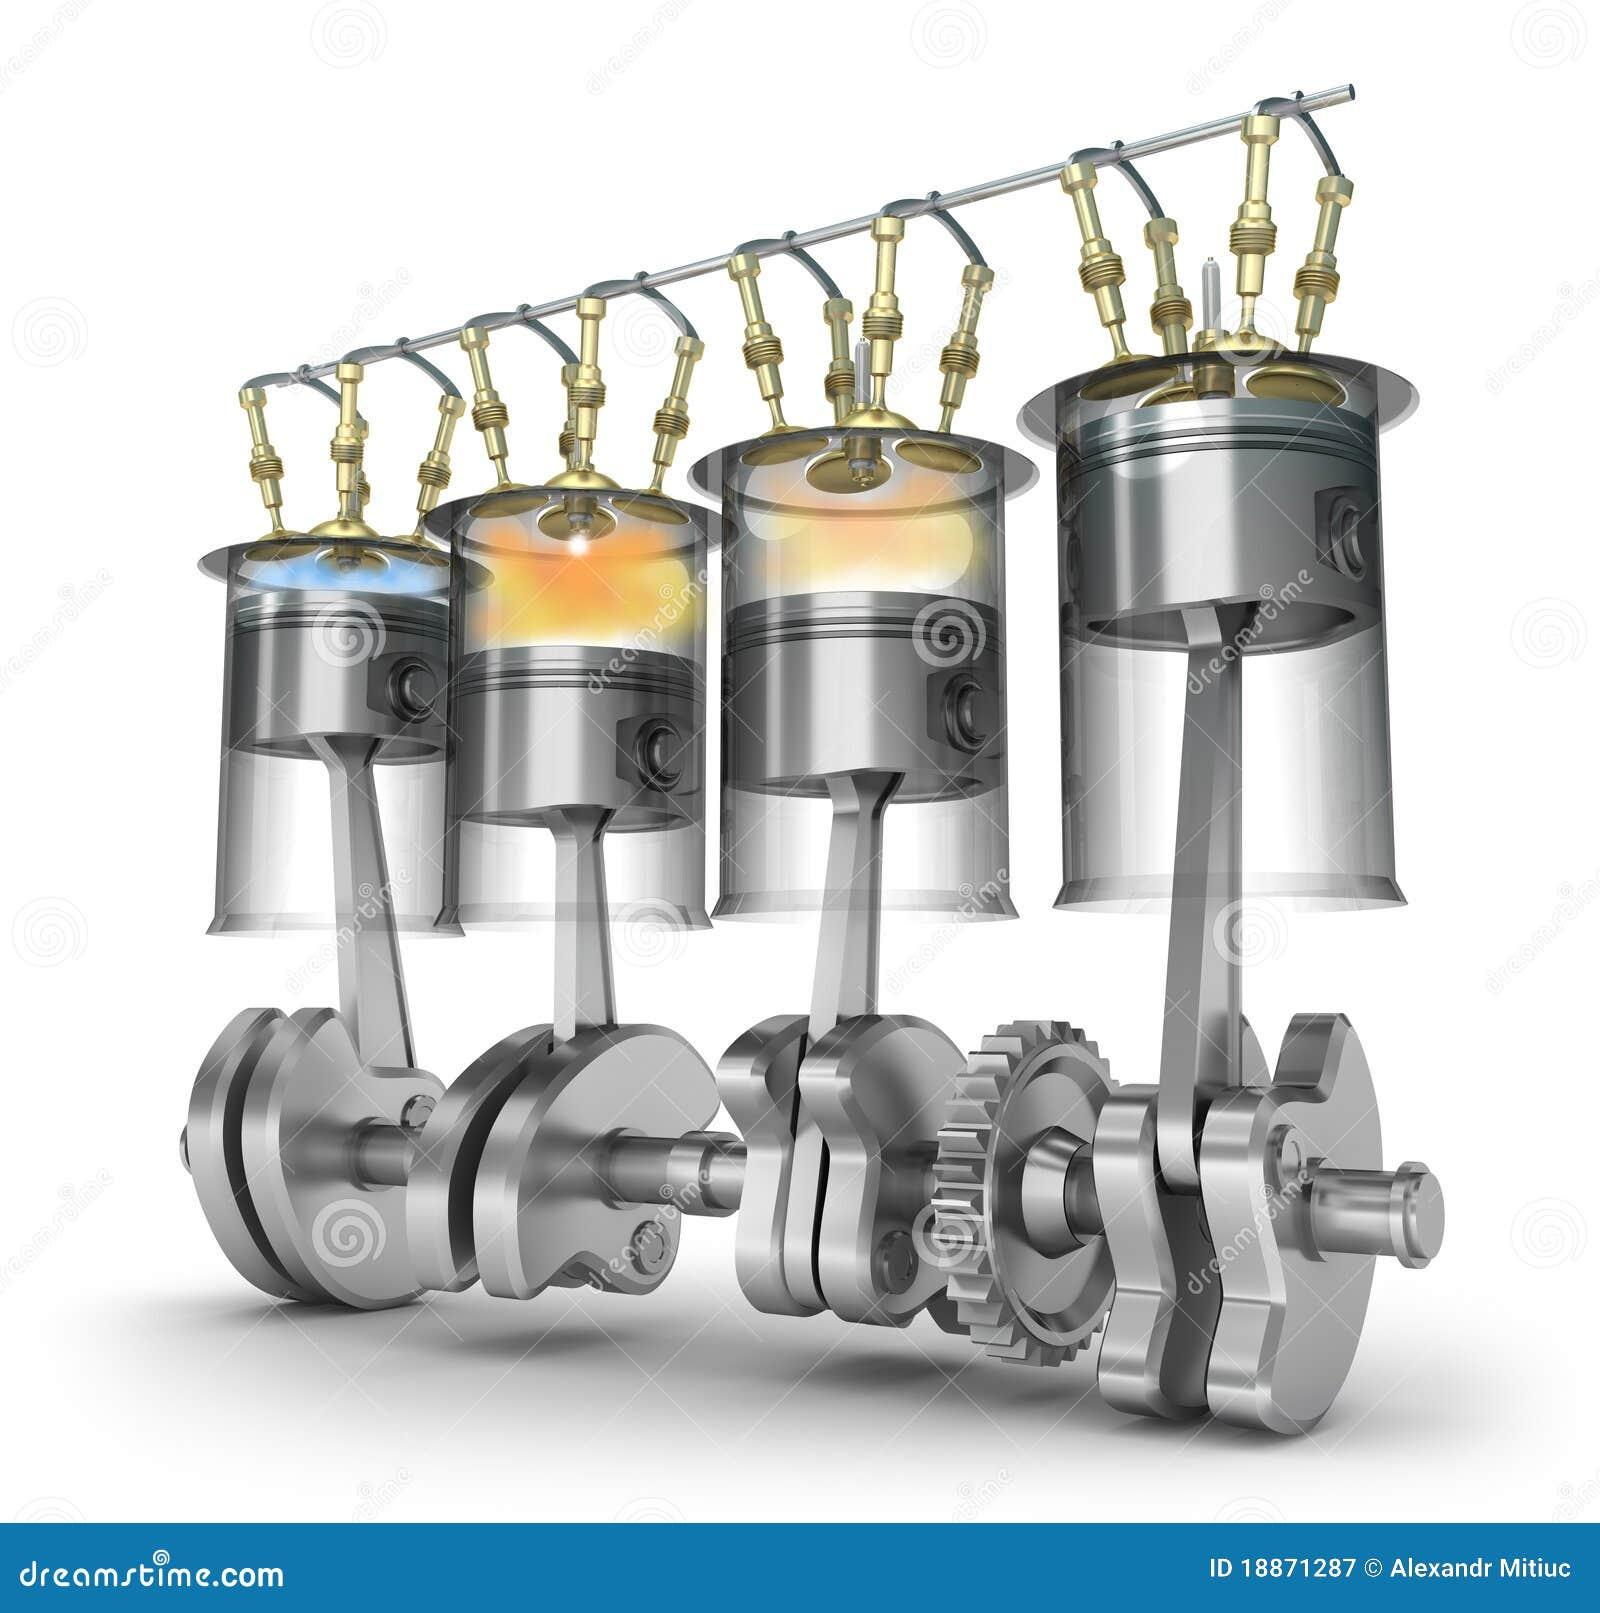 Funzione Del Motore Principio Di Funzionamento